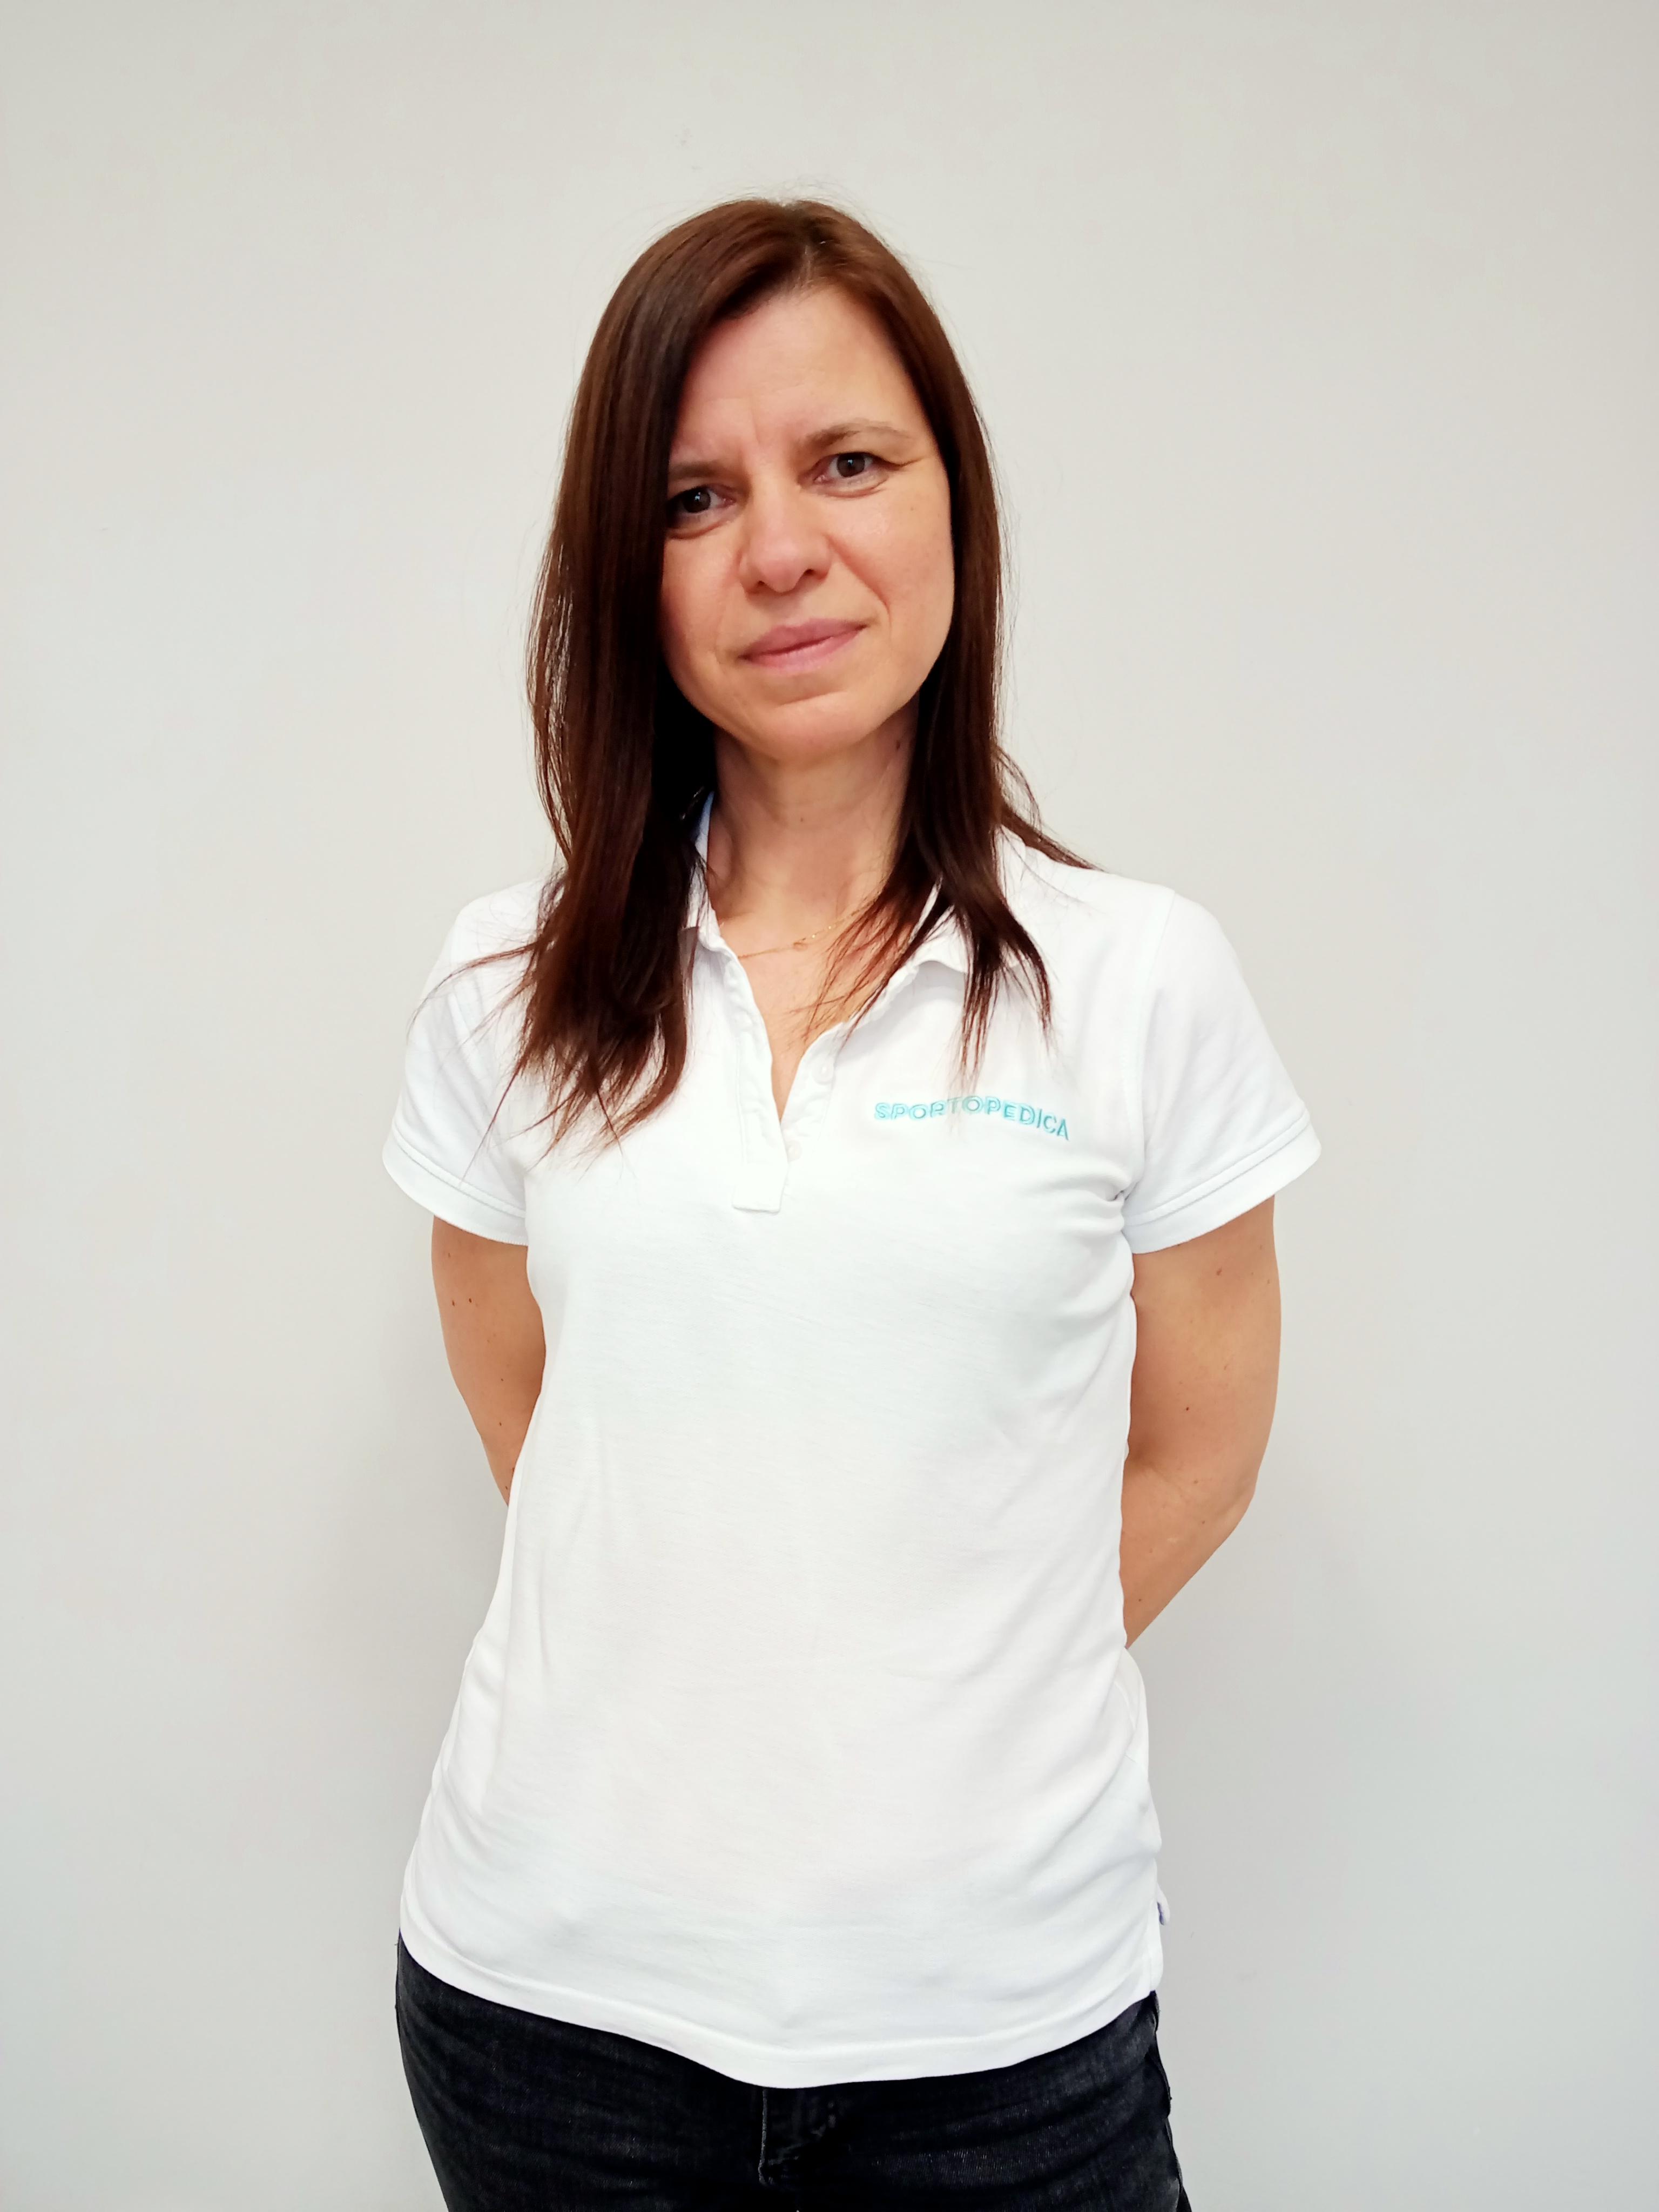 Justyna Czerwinska